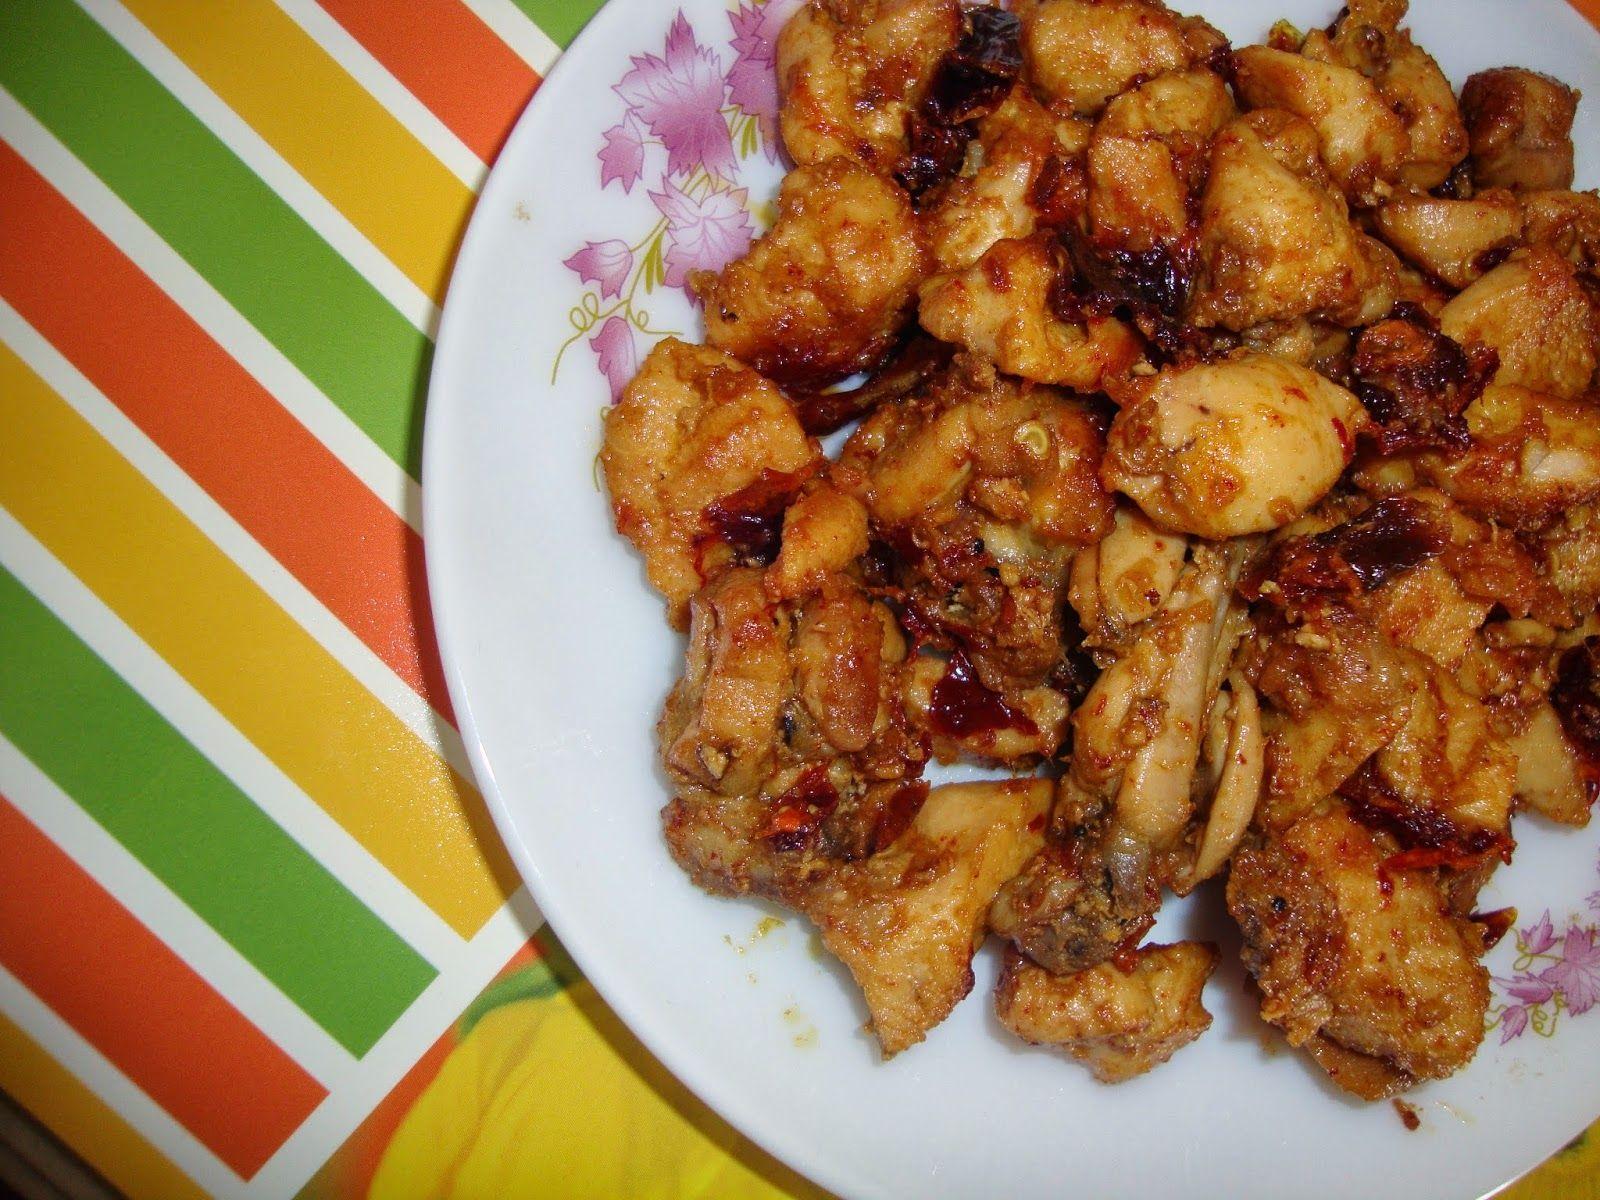 cookingcrest - non veg: Chicken Chinthamani | Erode chinthamani chicken